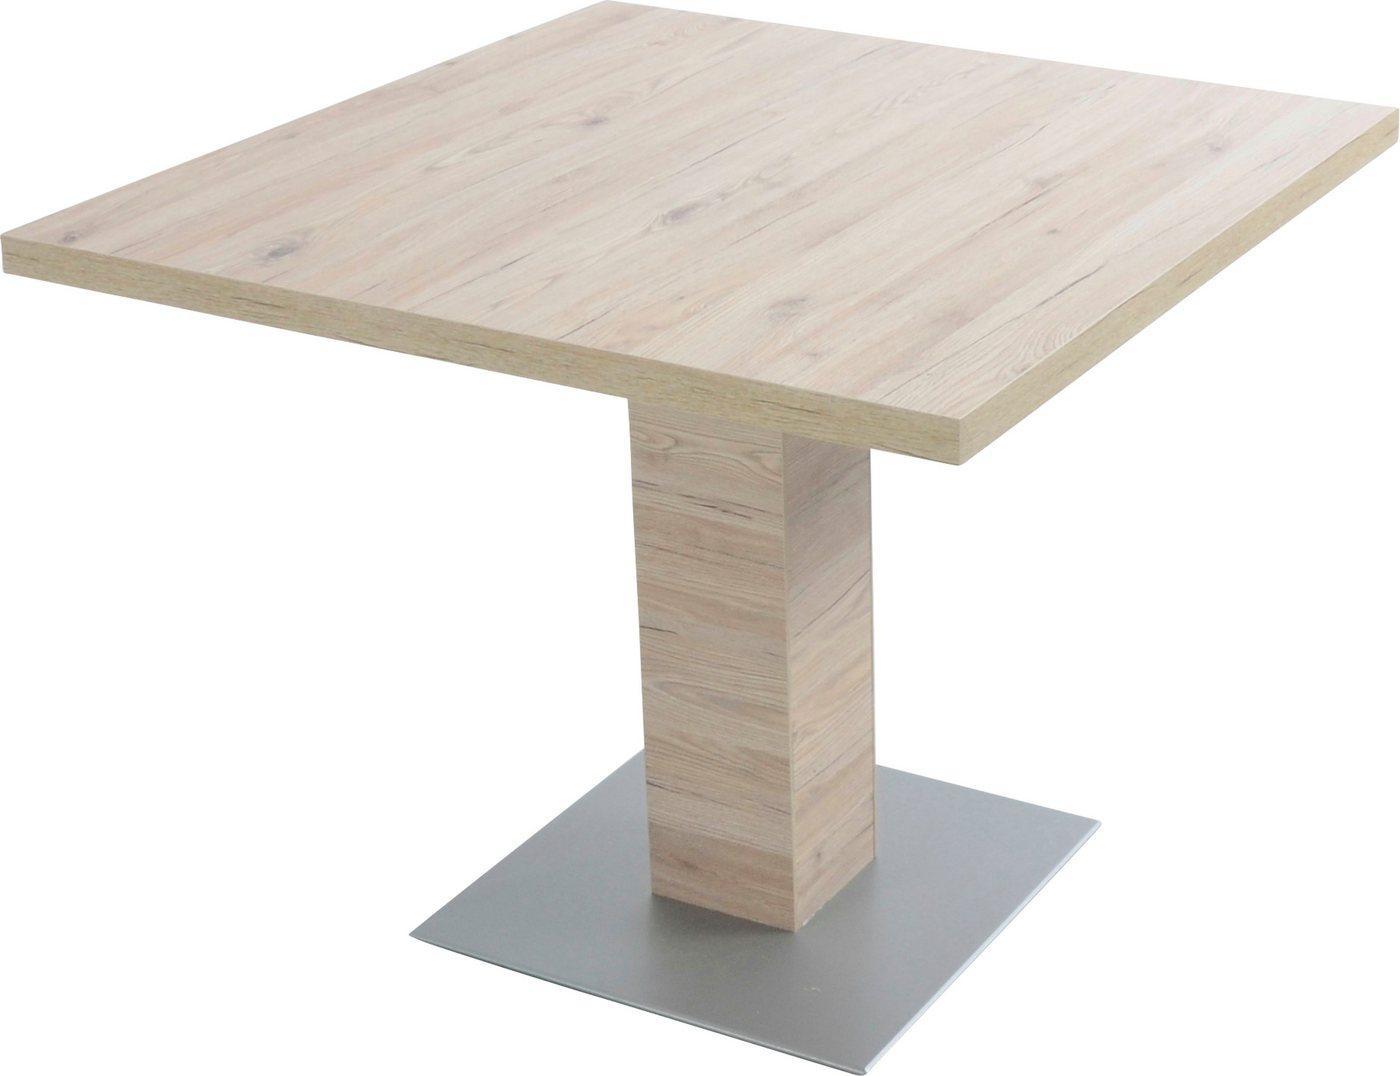 K+W Komfort & Wohnen Esstisch »Santos«, Esstisch quadratisch mit einer Säule